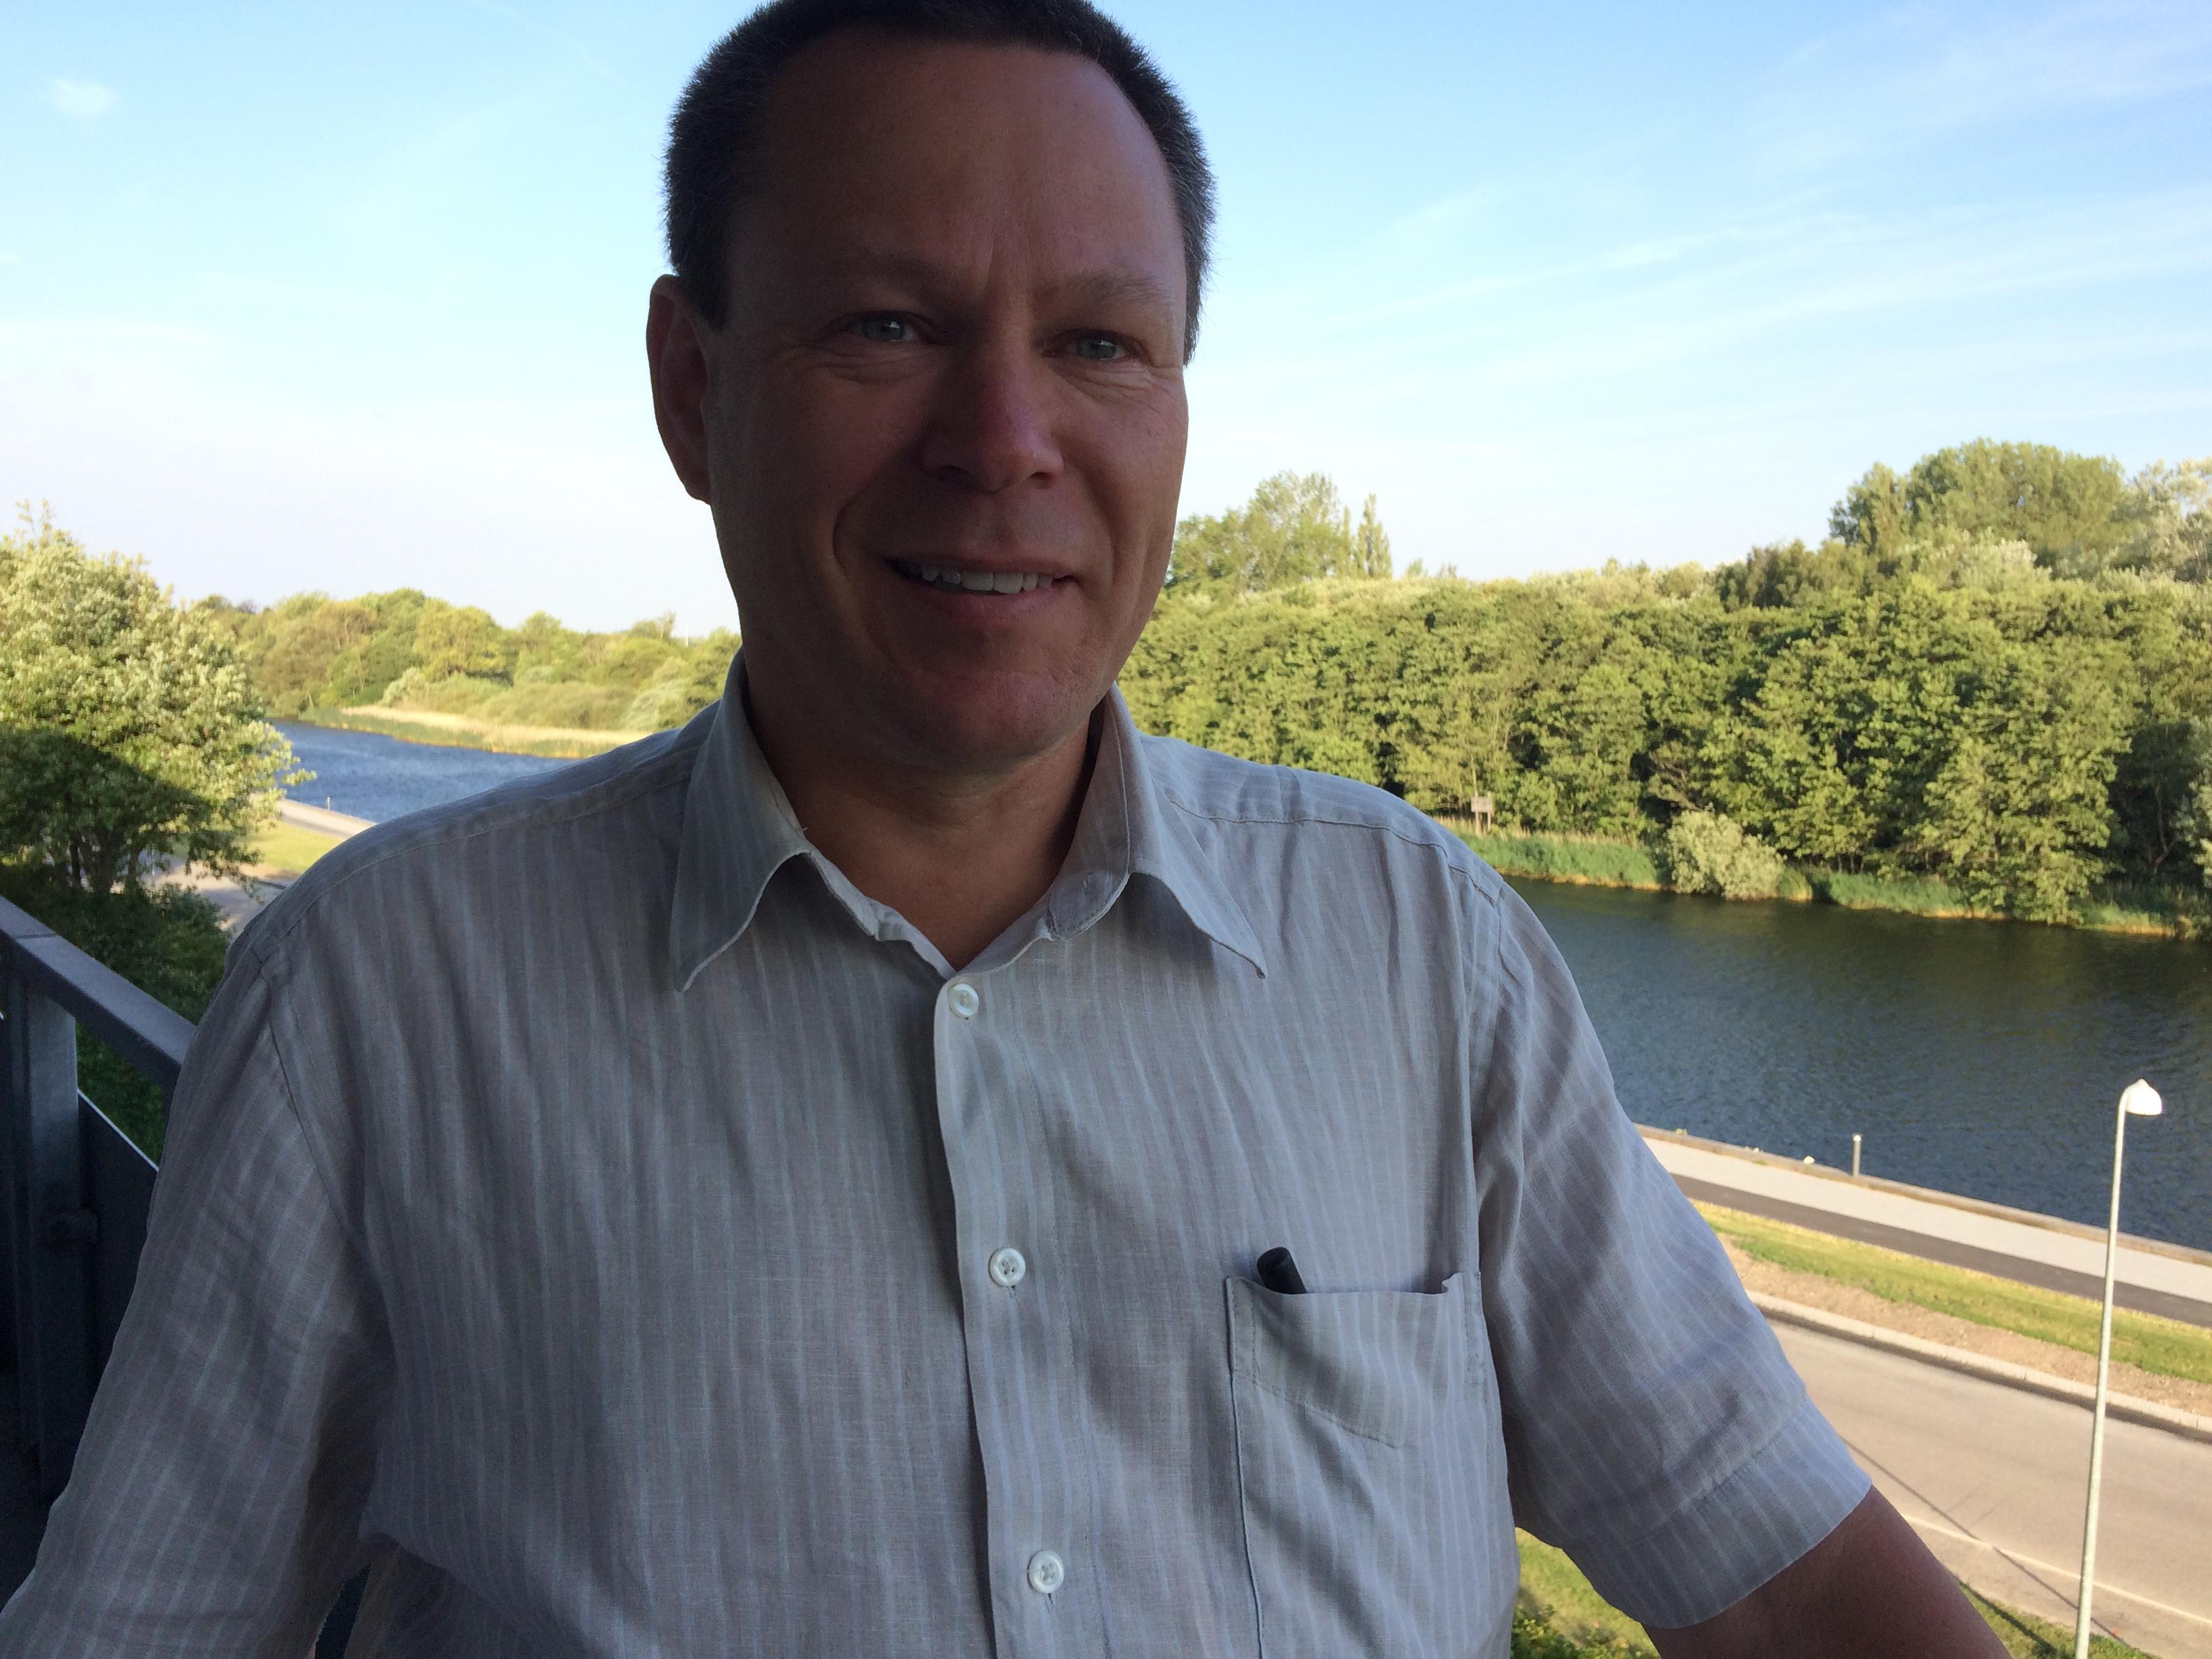 Opfinder af sædprop Niels Lindeburg